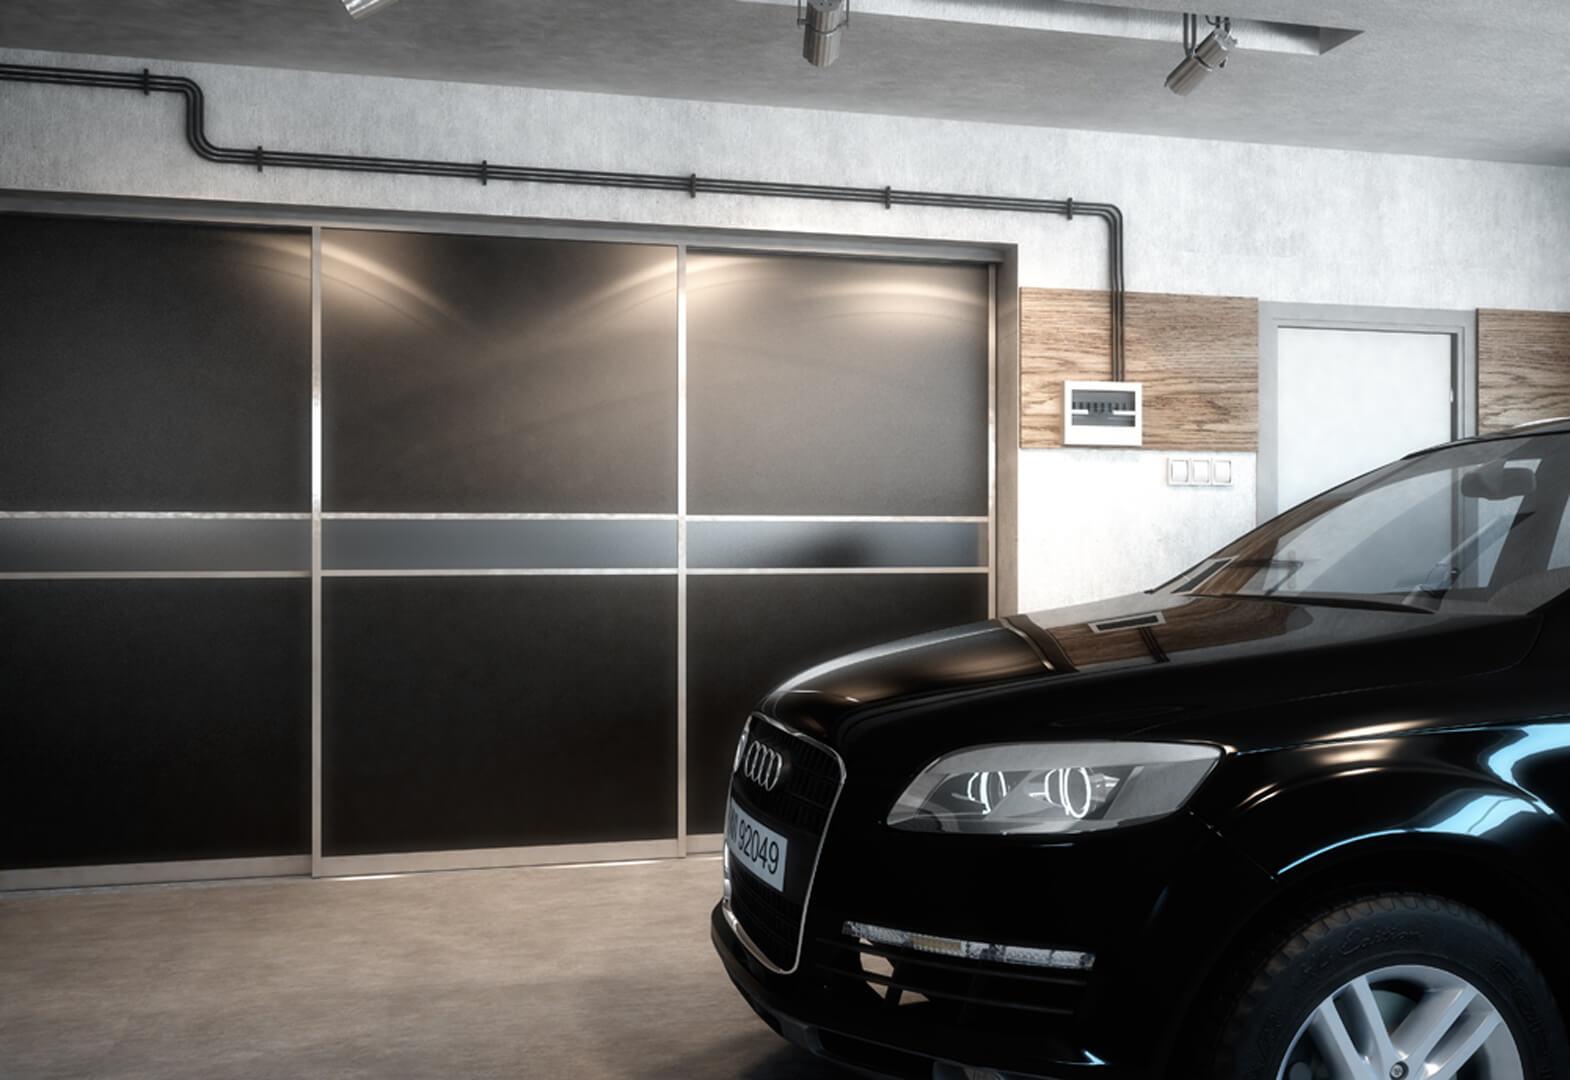 Duża szafa z drzwiami przesuwnymi w garażu samochodowym